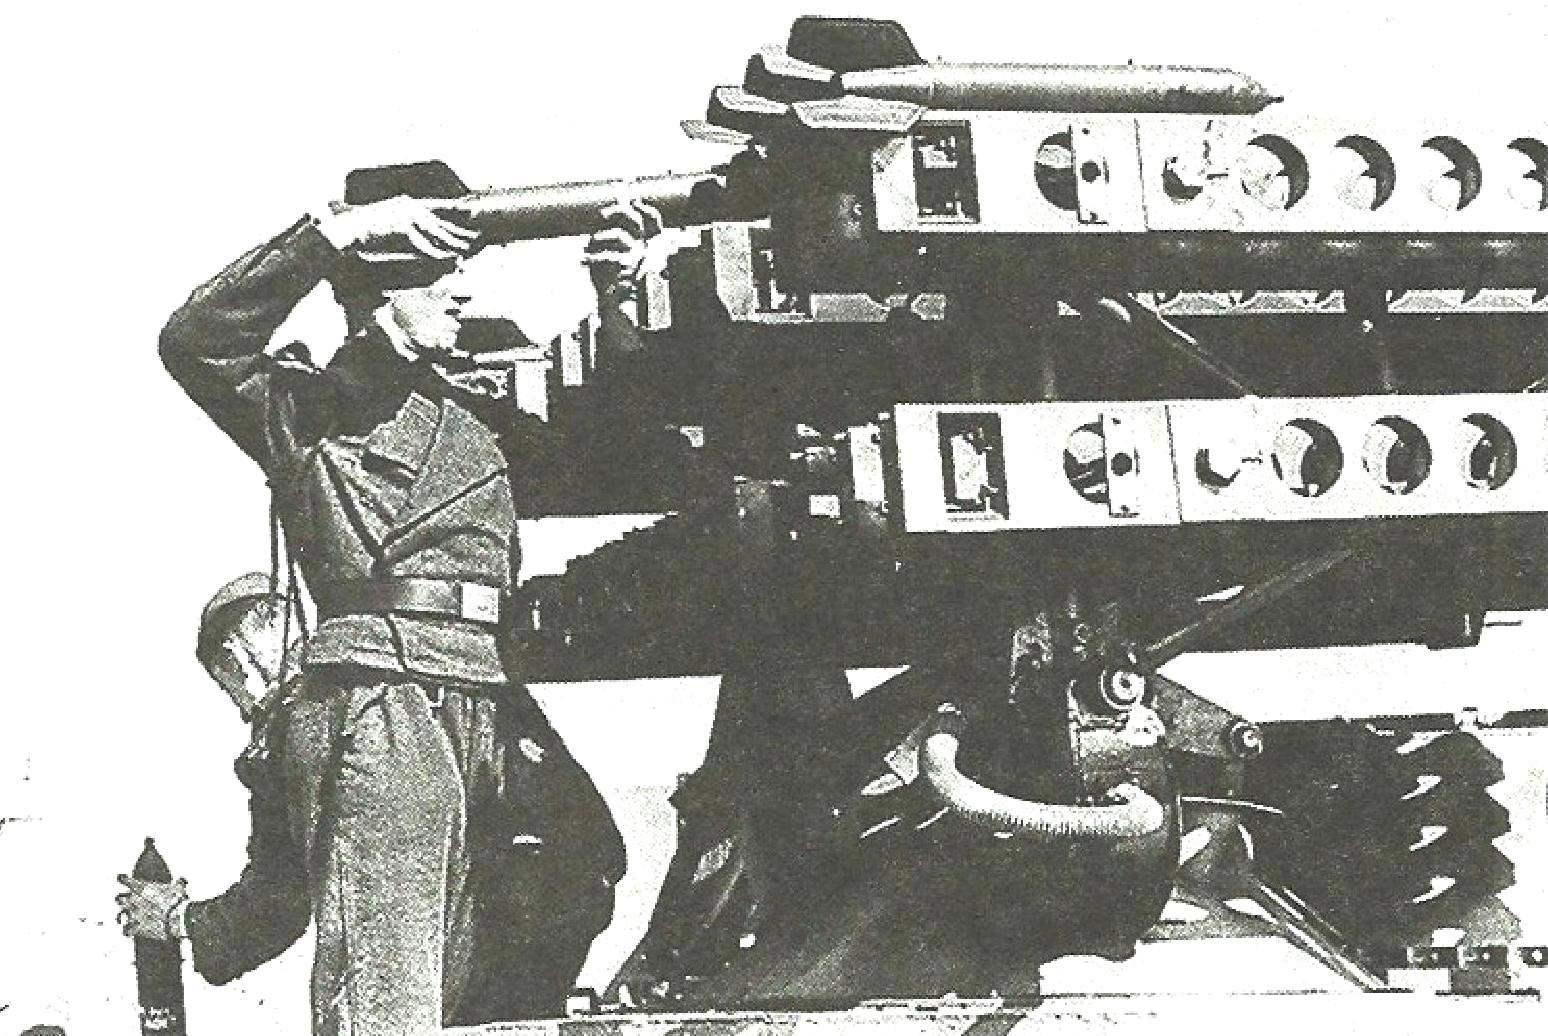 Ракеты 8 cm R.Spreug — аналоги советского реактивного снаряда М-8